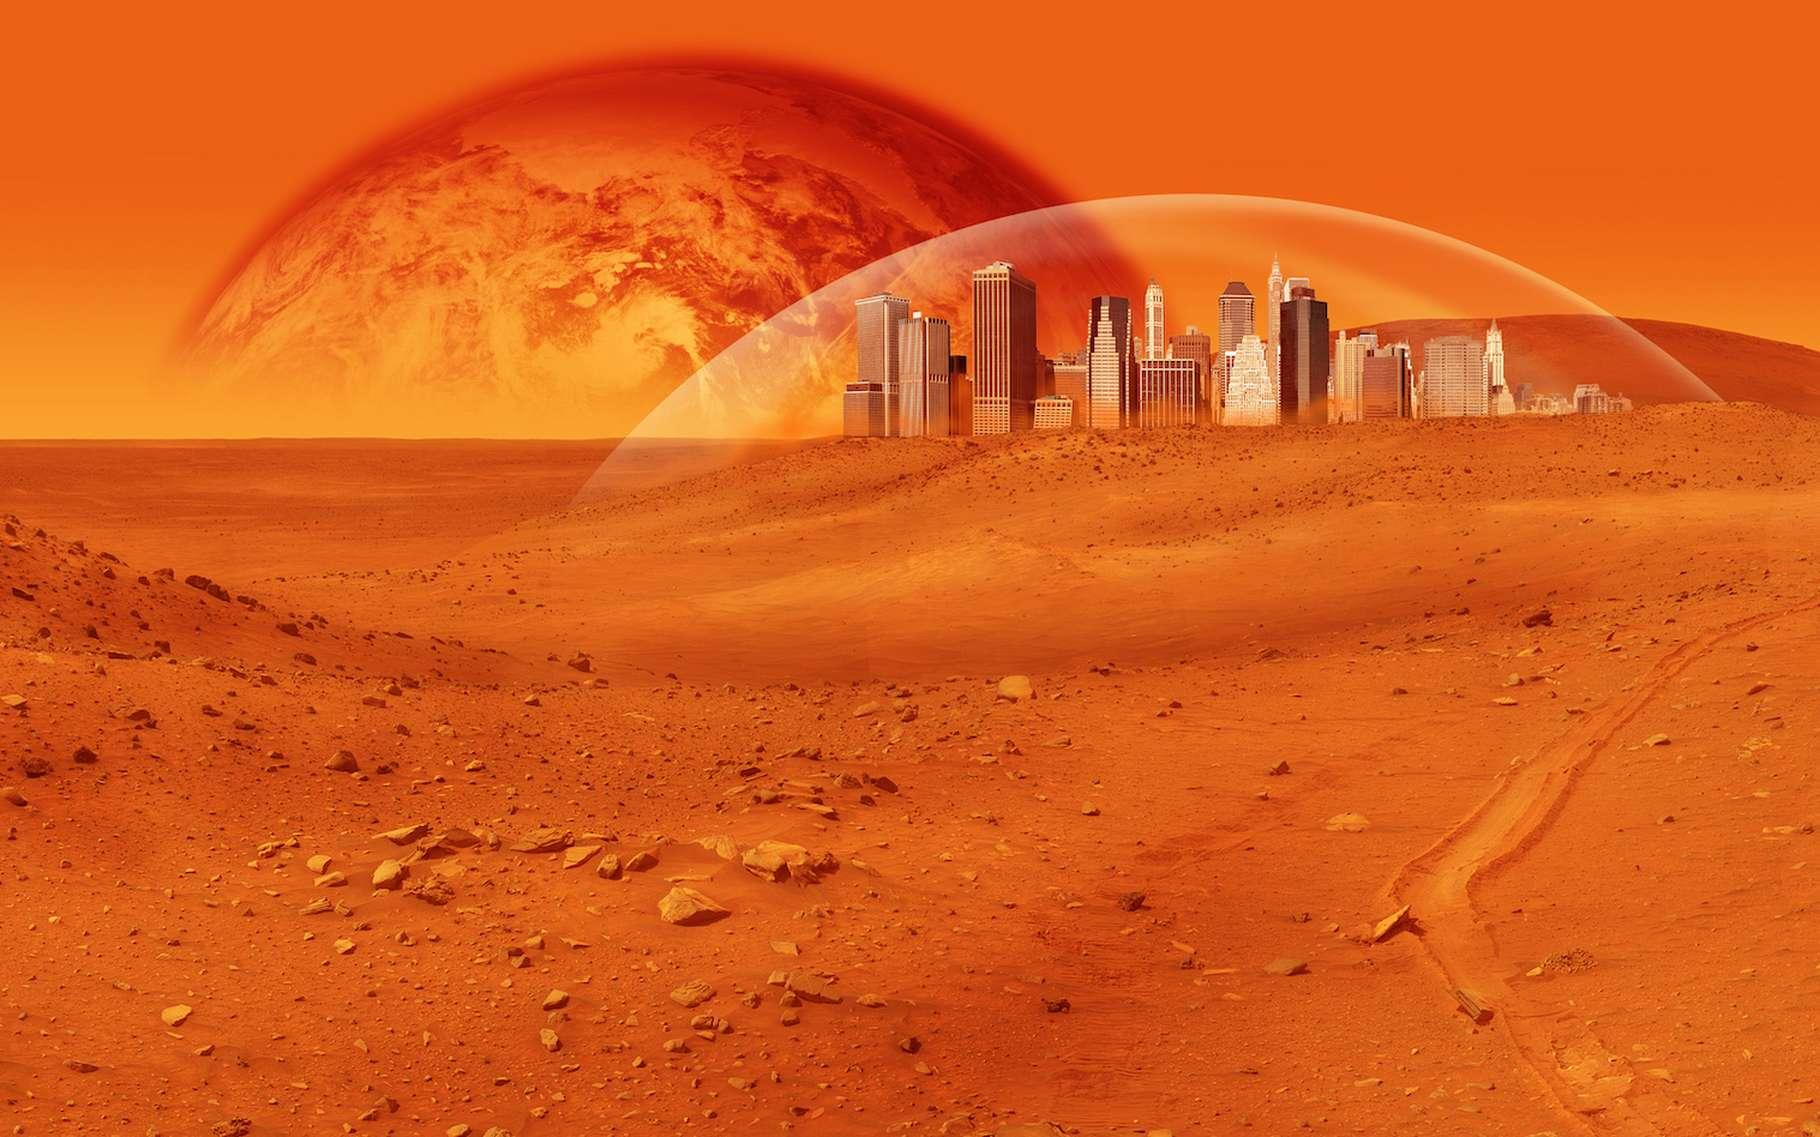 PlanèteCes bactéries pourront aider l'être humain à coloniser Mars - Futura